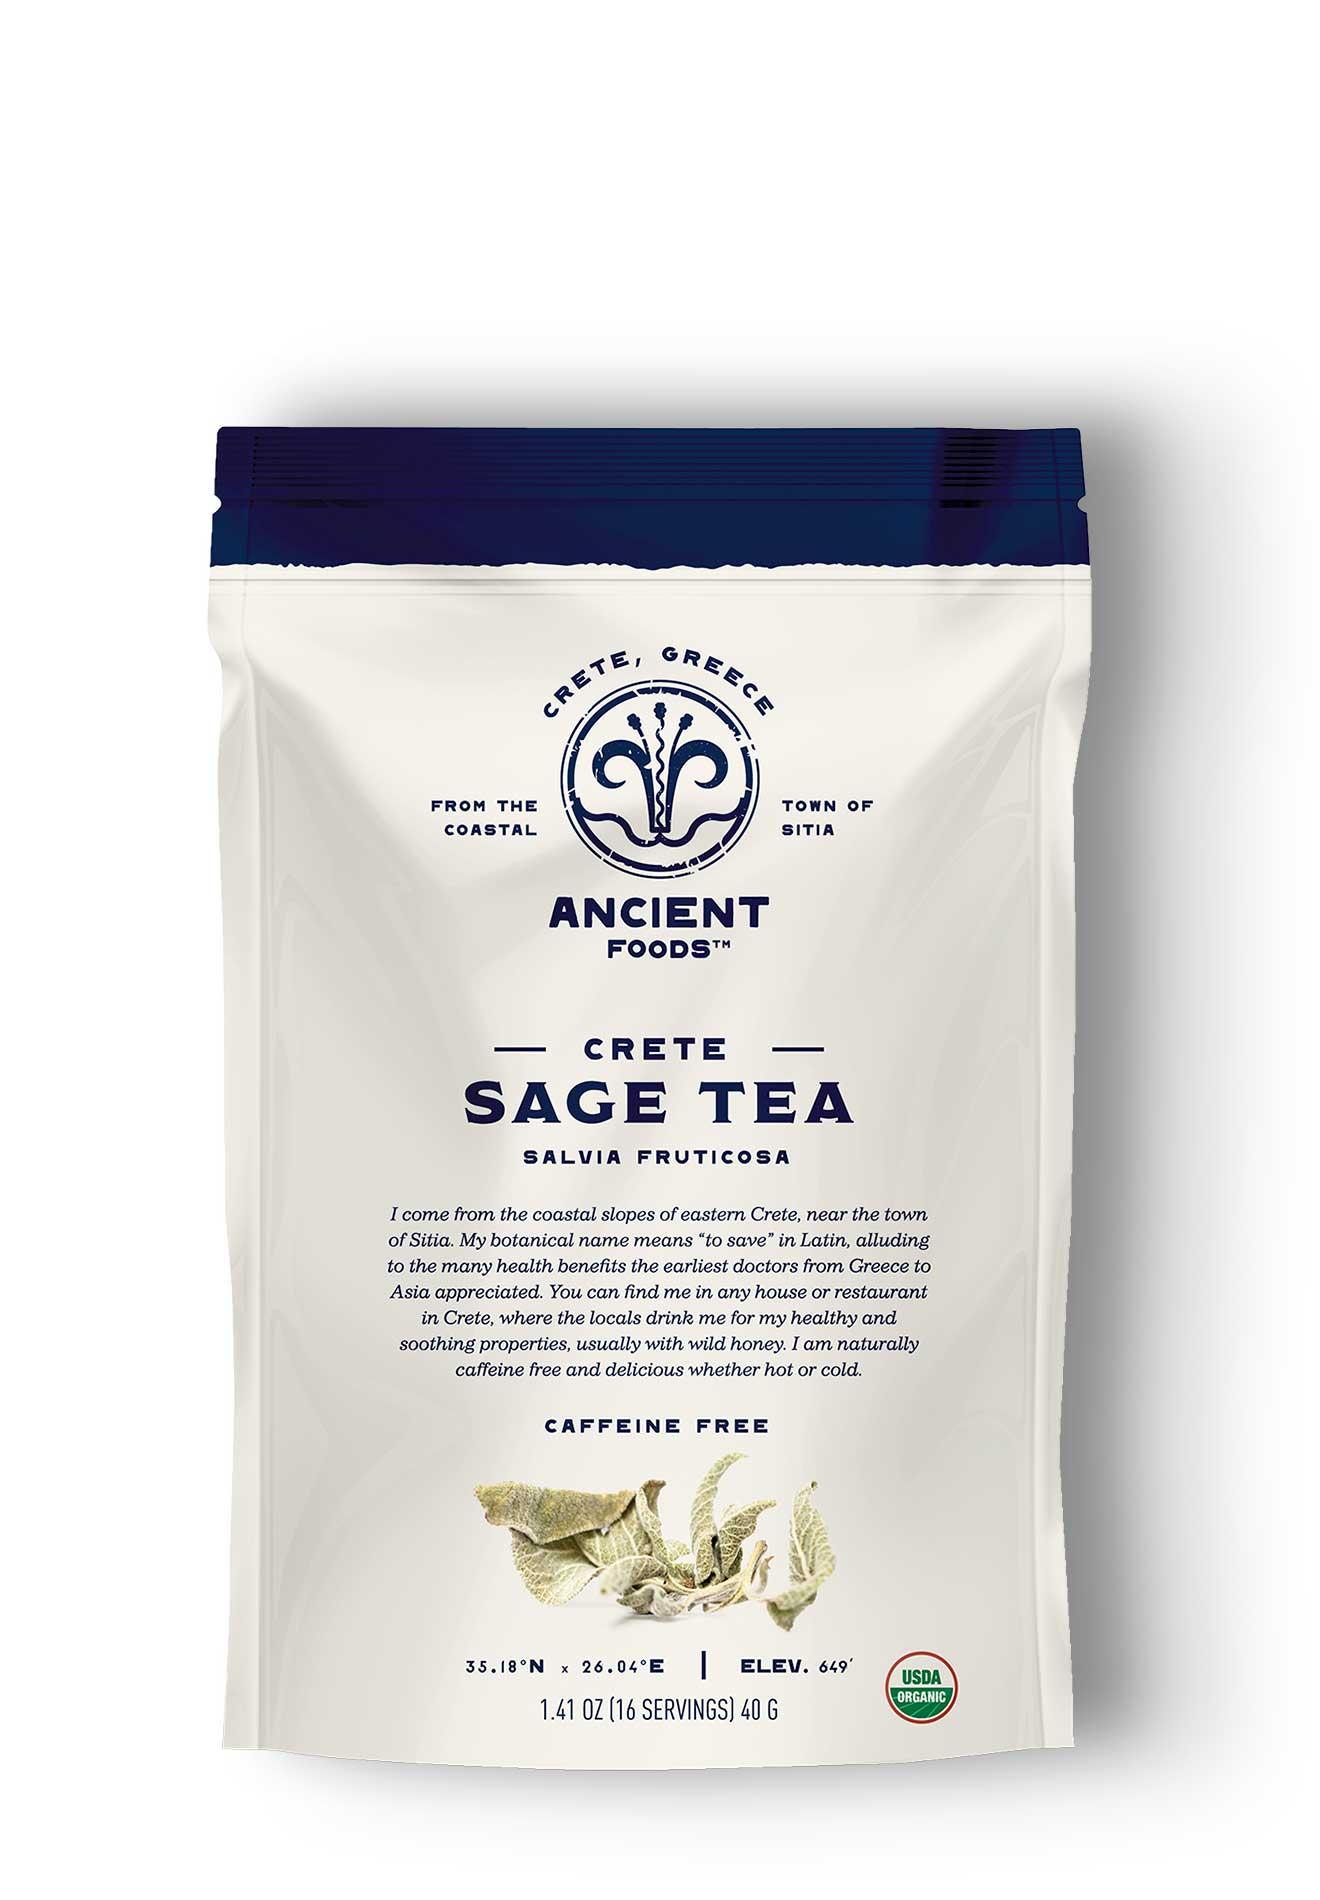 Cretan Sage Tea